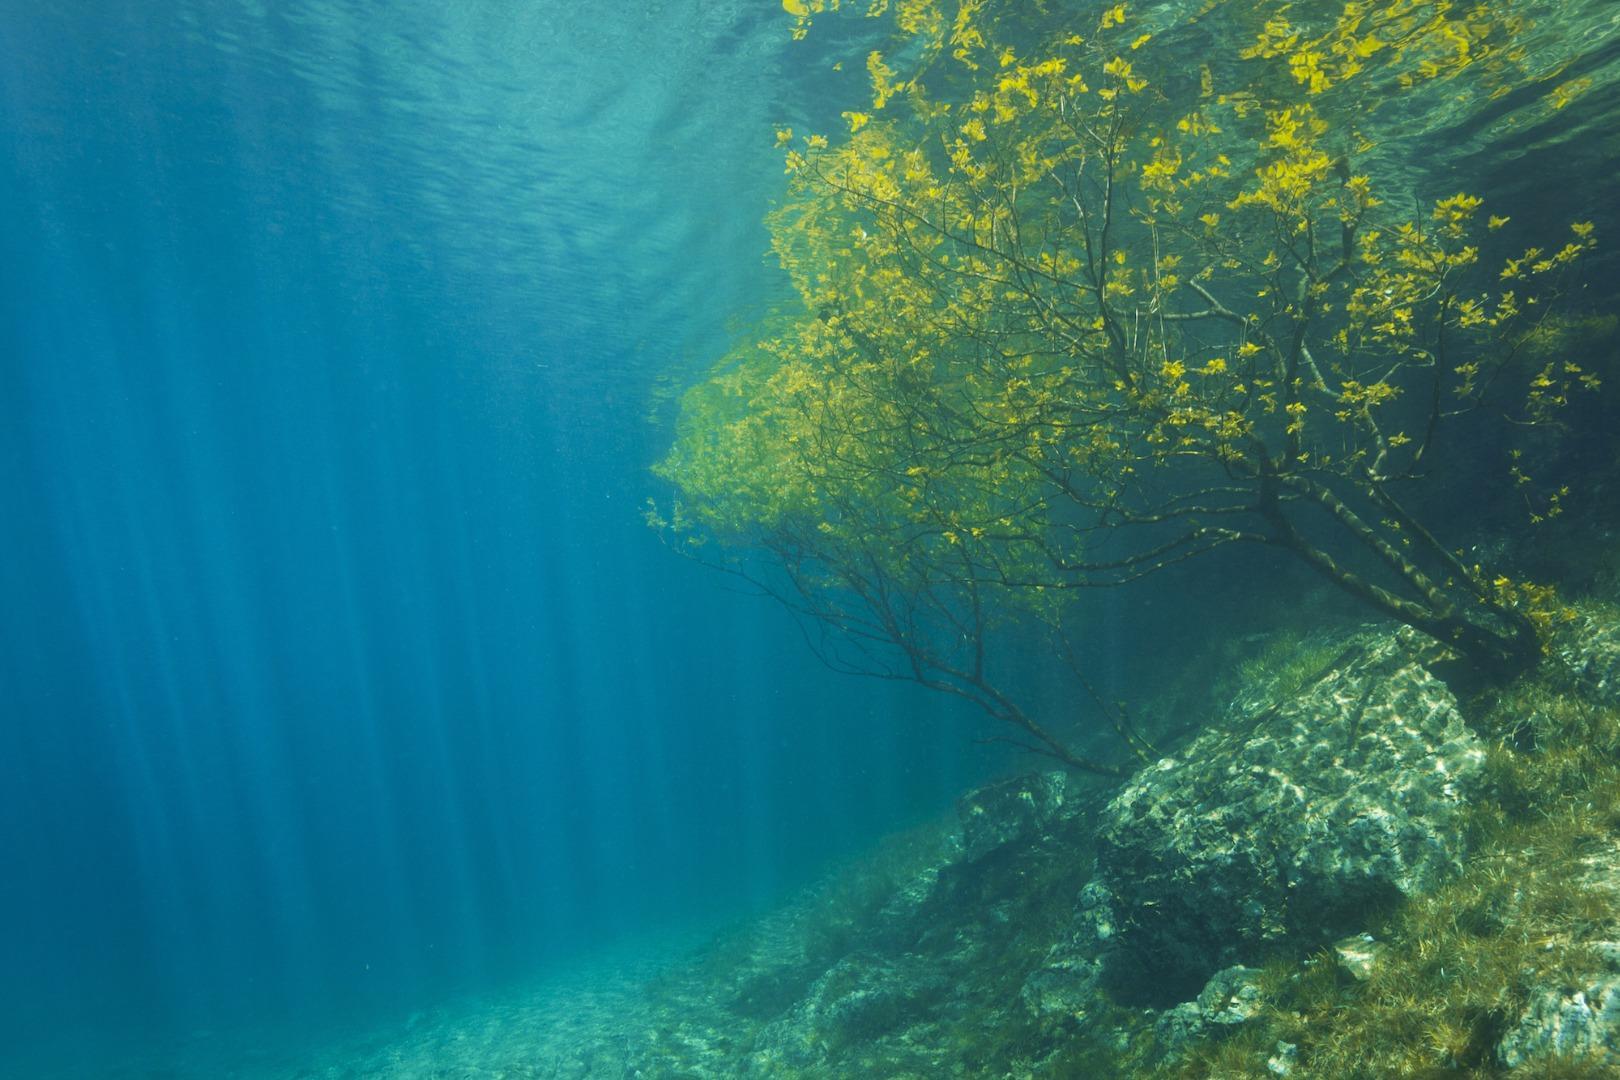 水下探秘   在这里,你能看到世界沉入水底的模样